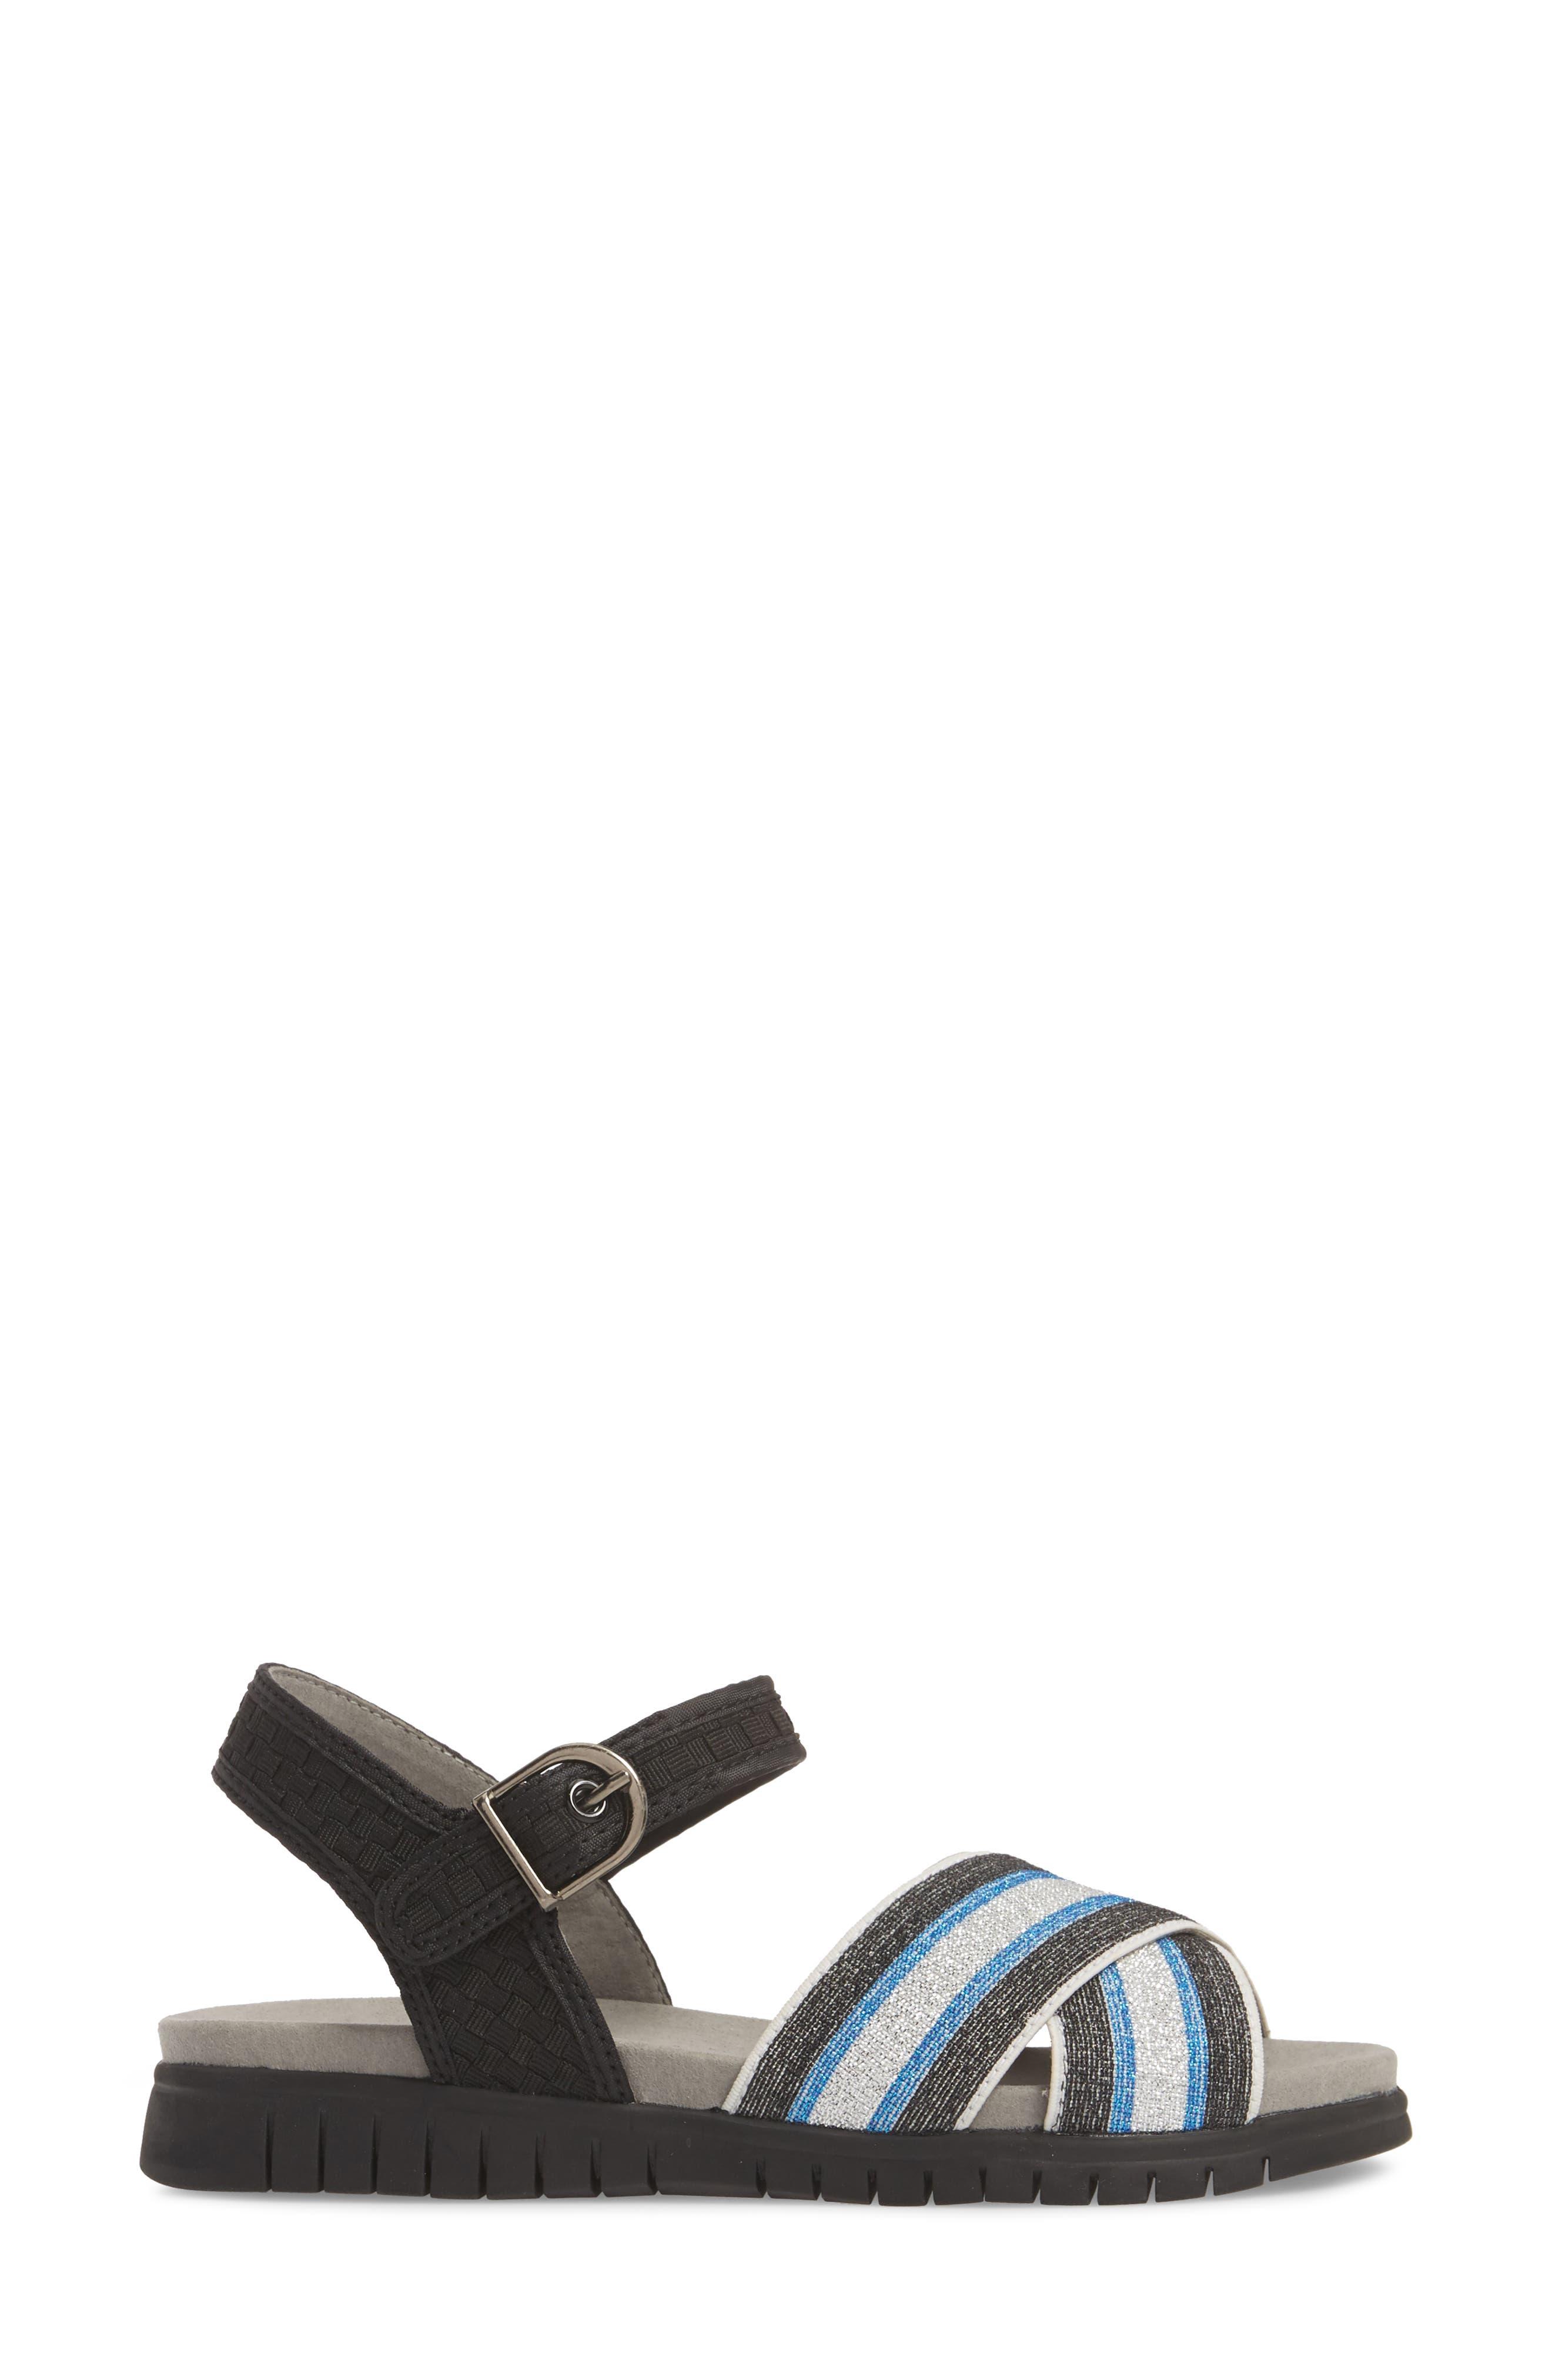 Malibu Sandal,                             Alternate thumbnail 3, color,                             BLACK BLUE STRIPE FABRIC